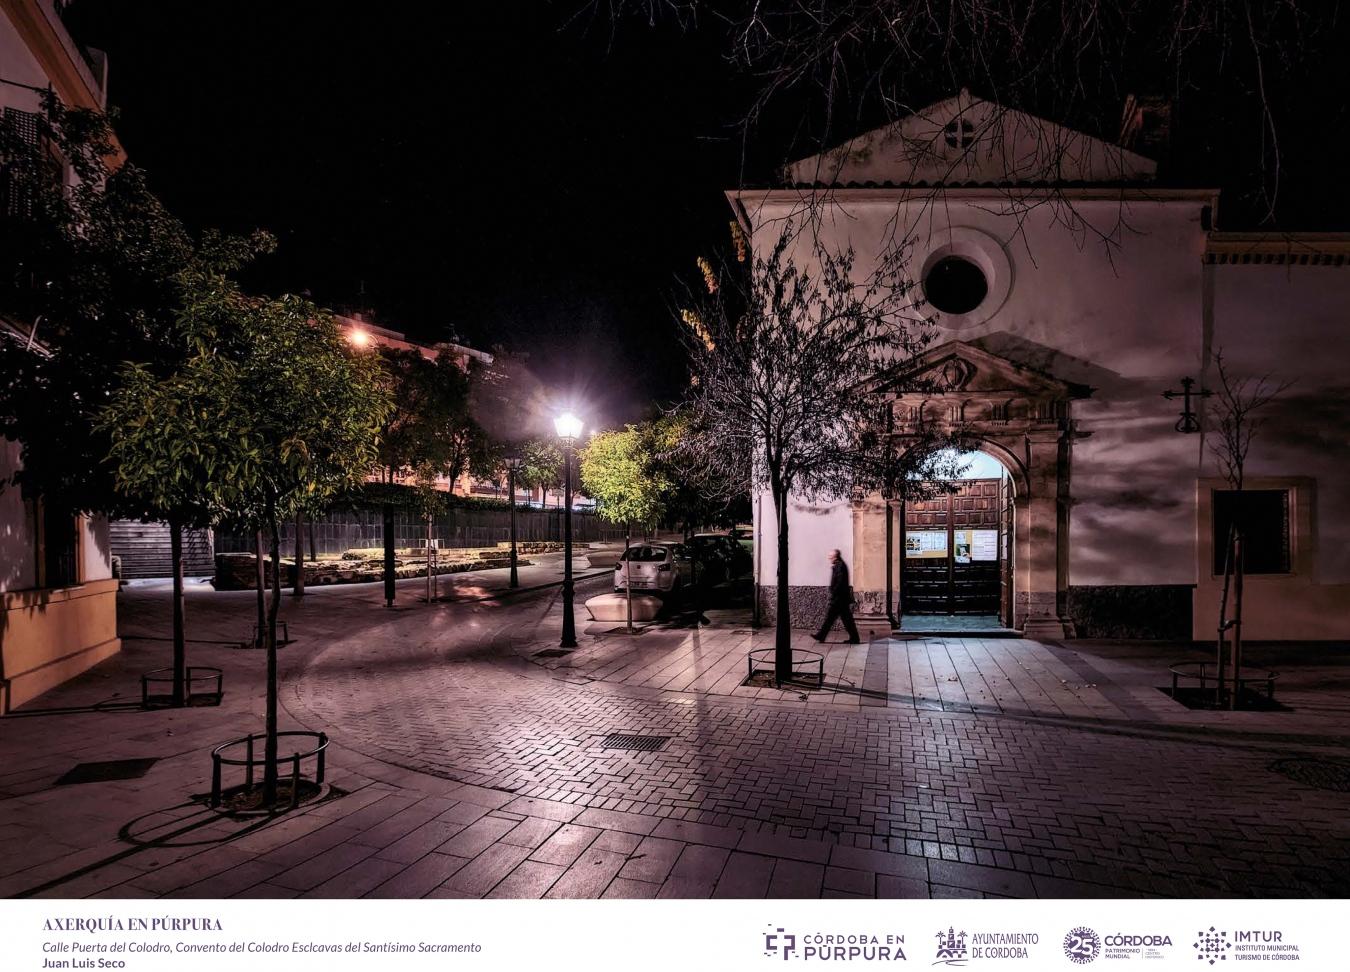 Axerquía en Púrpura - Juan Luis Secø, Fotografia